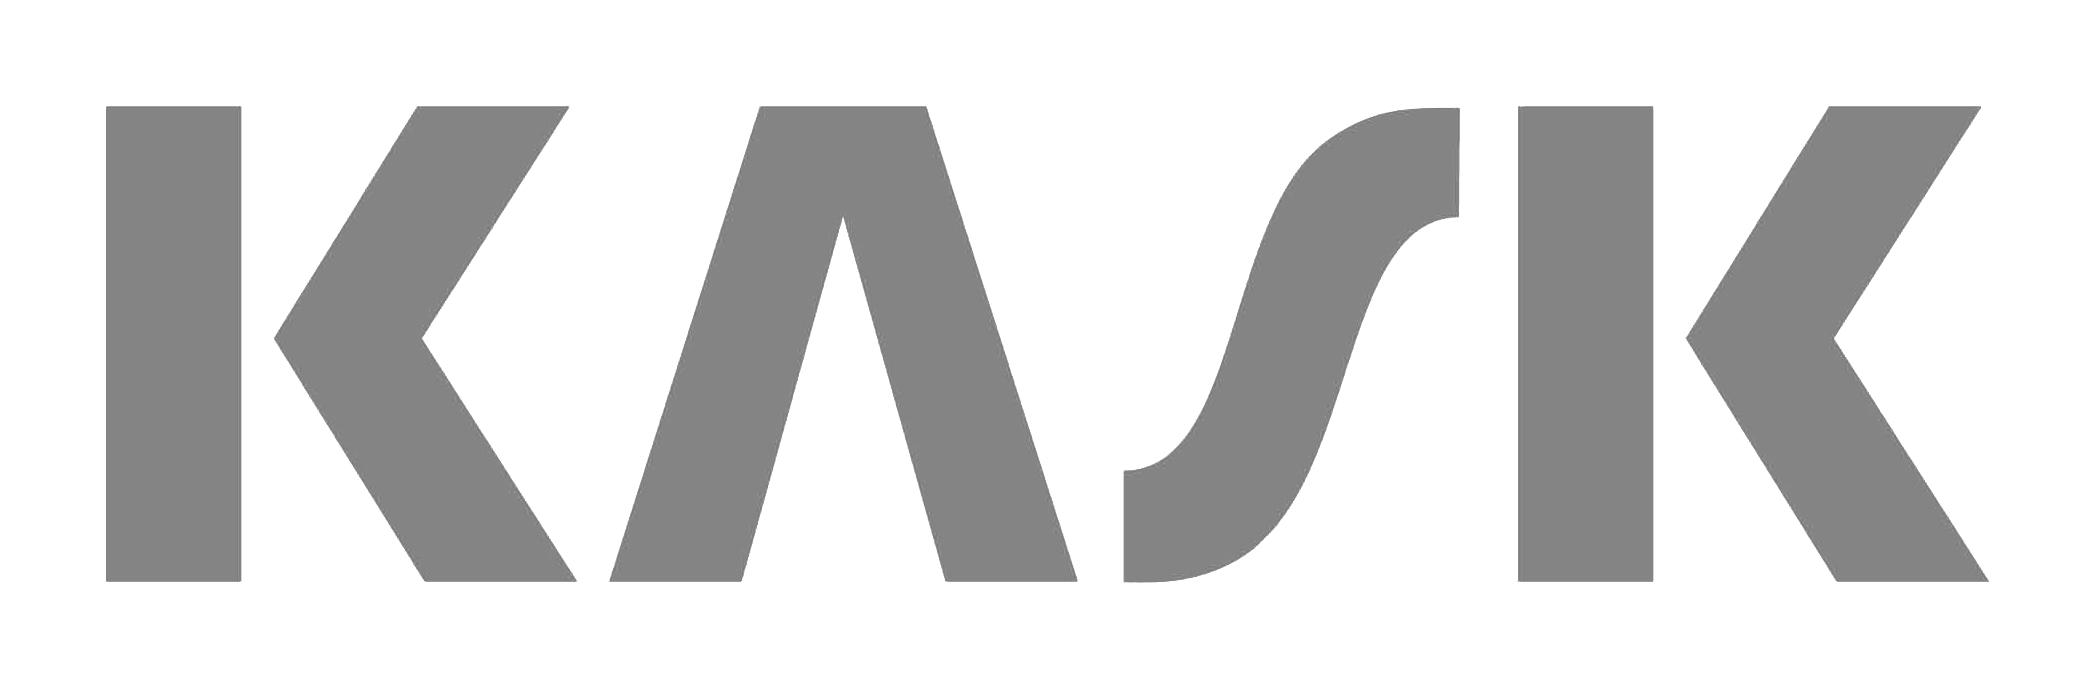 logo kask lime-white.jpg